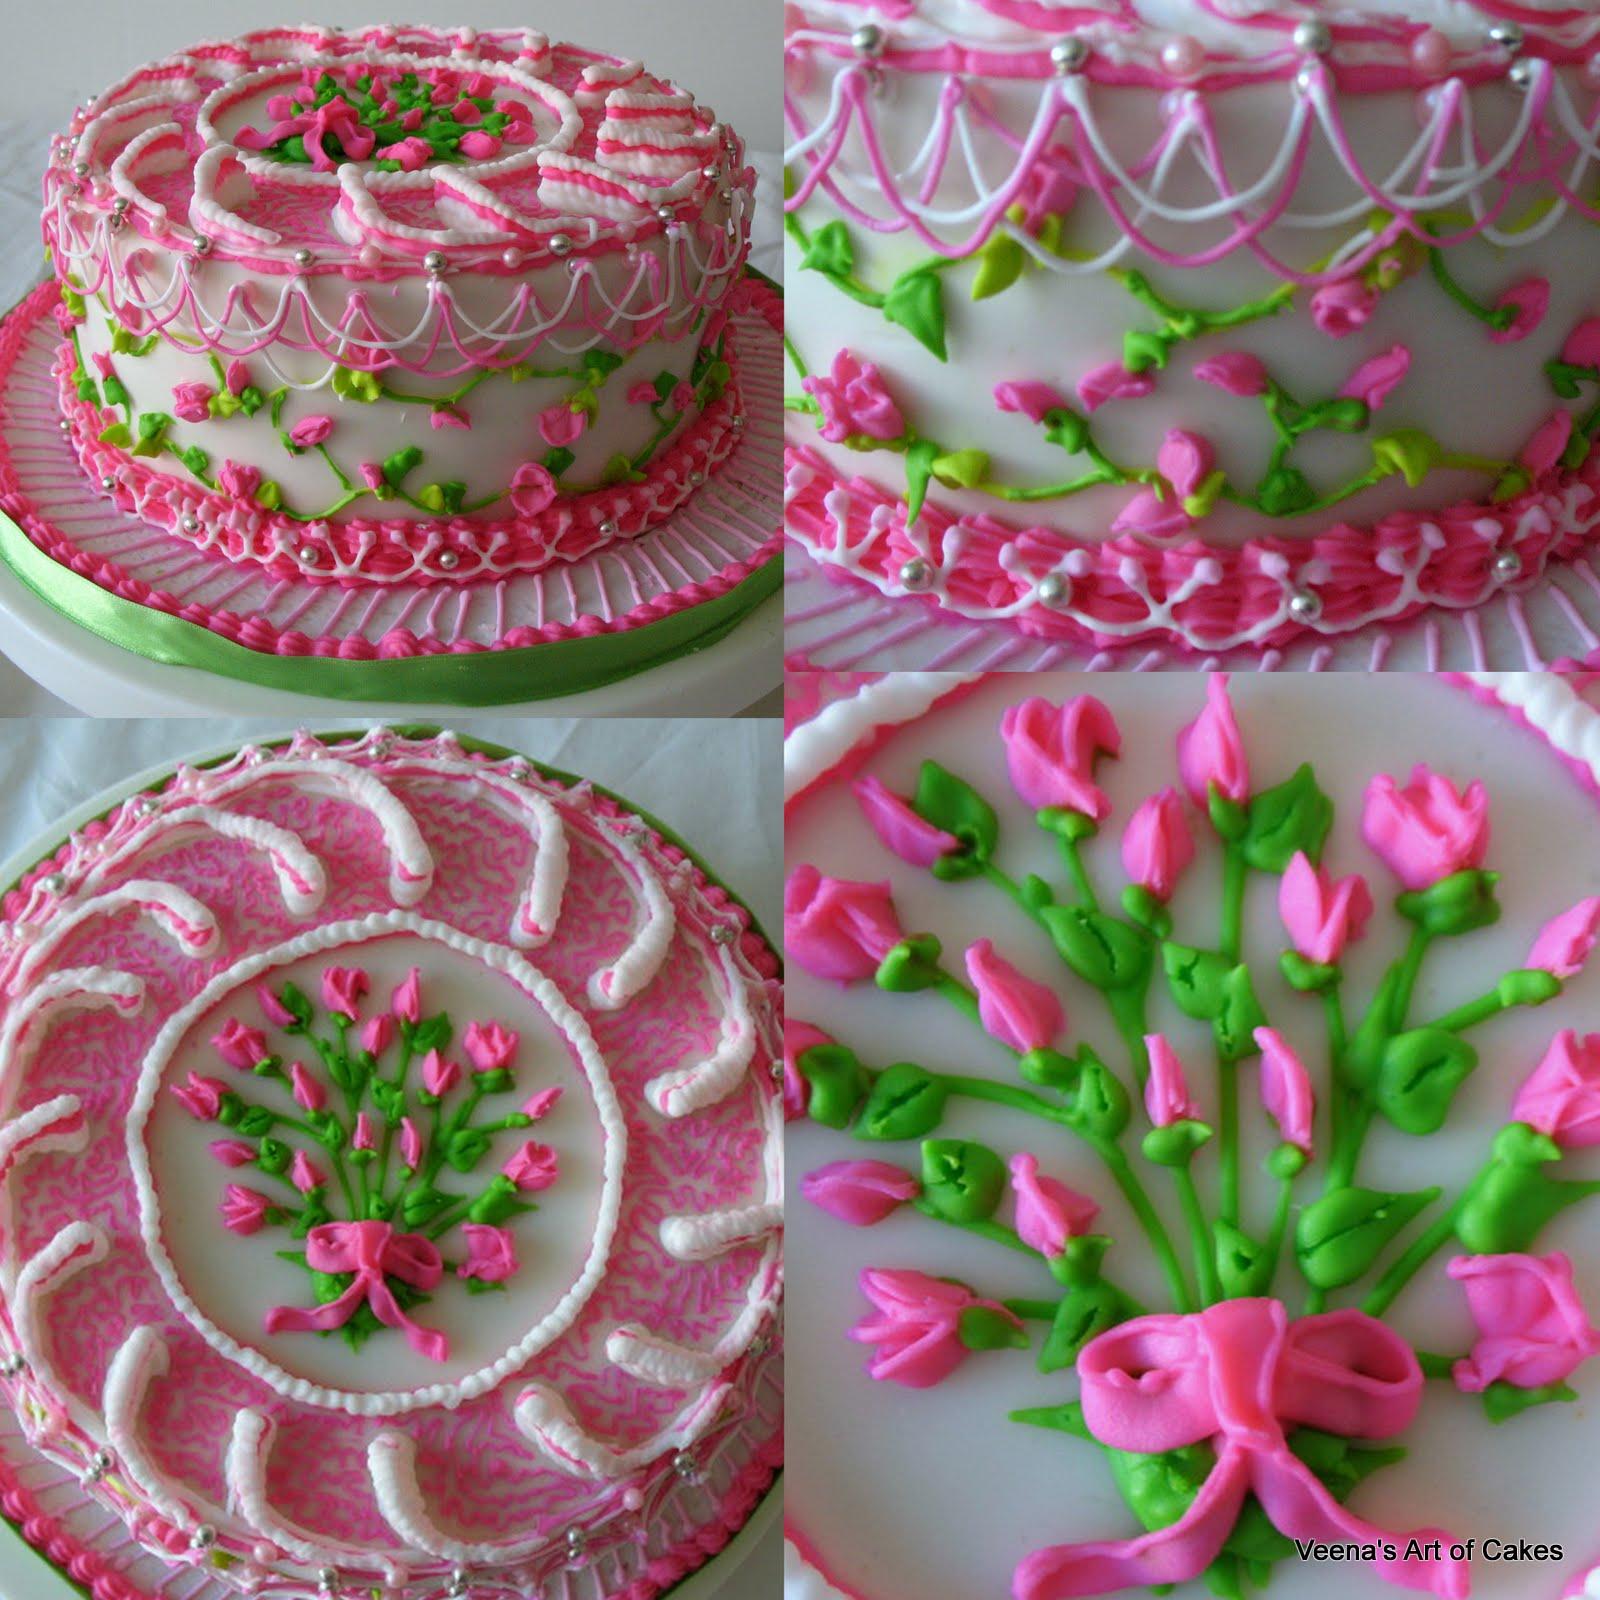 оформление тортов пошаговое фото дочь